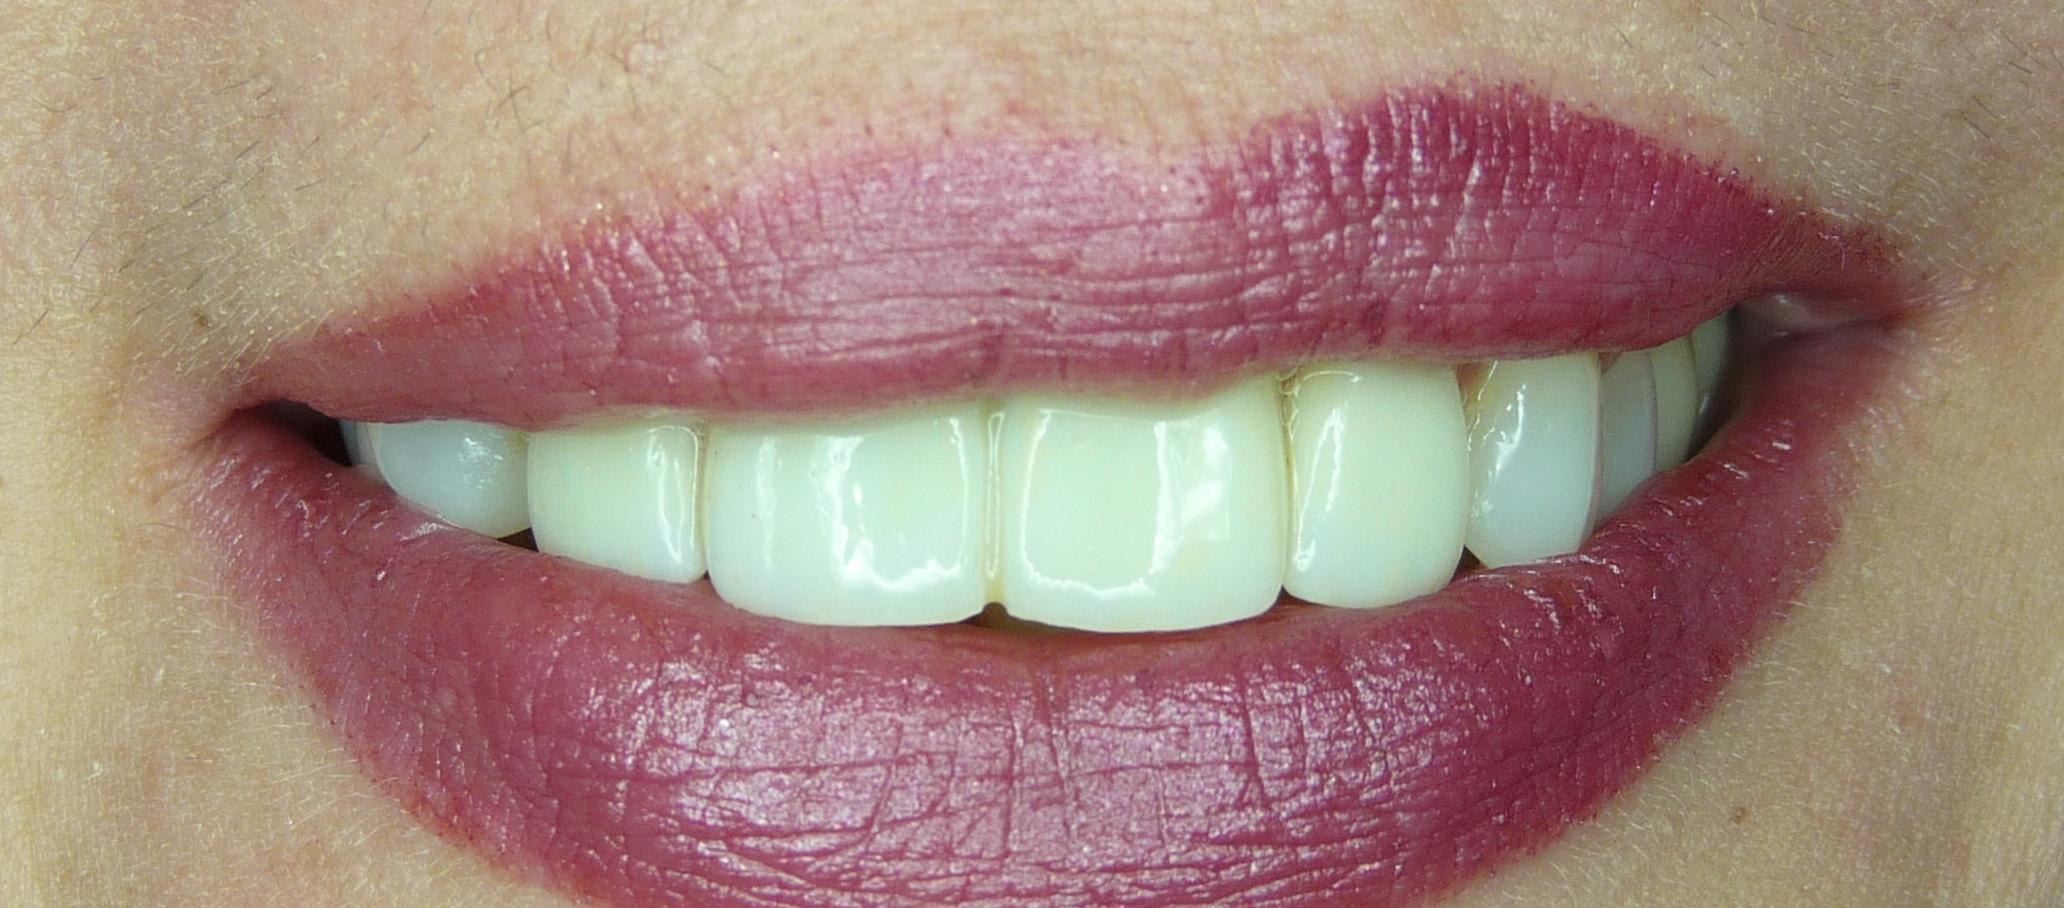 greenfield crowns painesville dentist.jpg